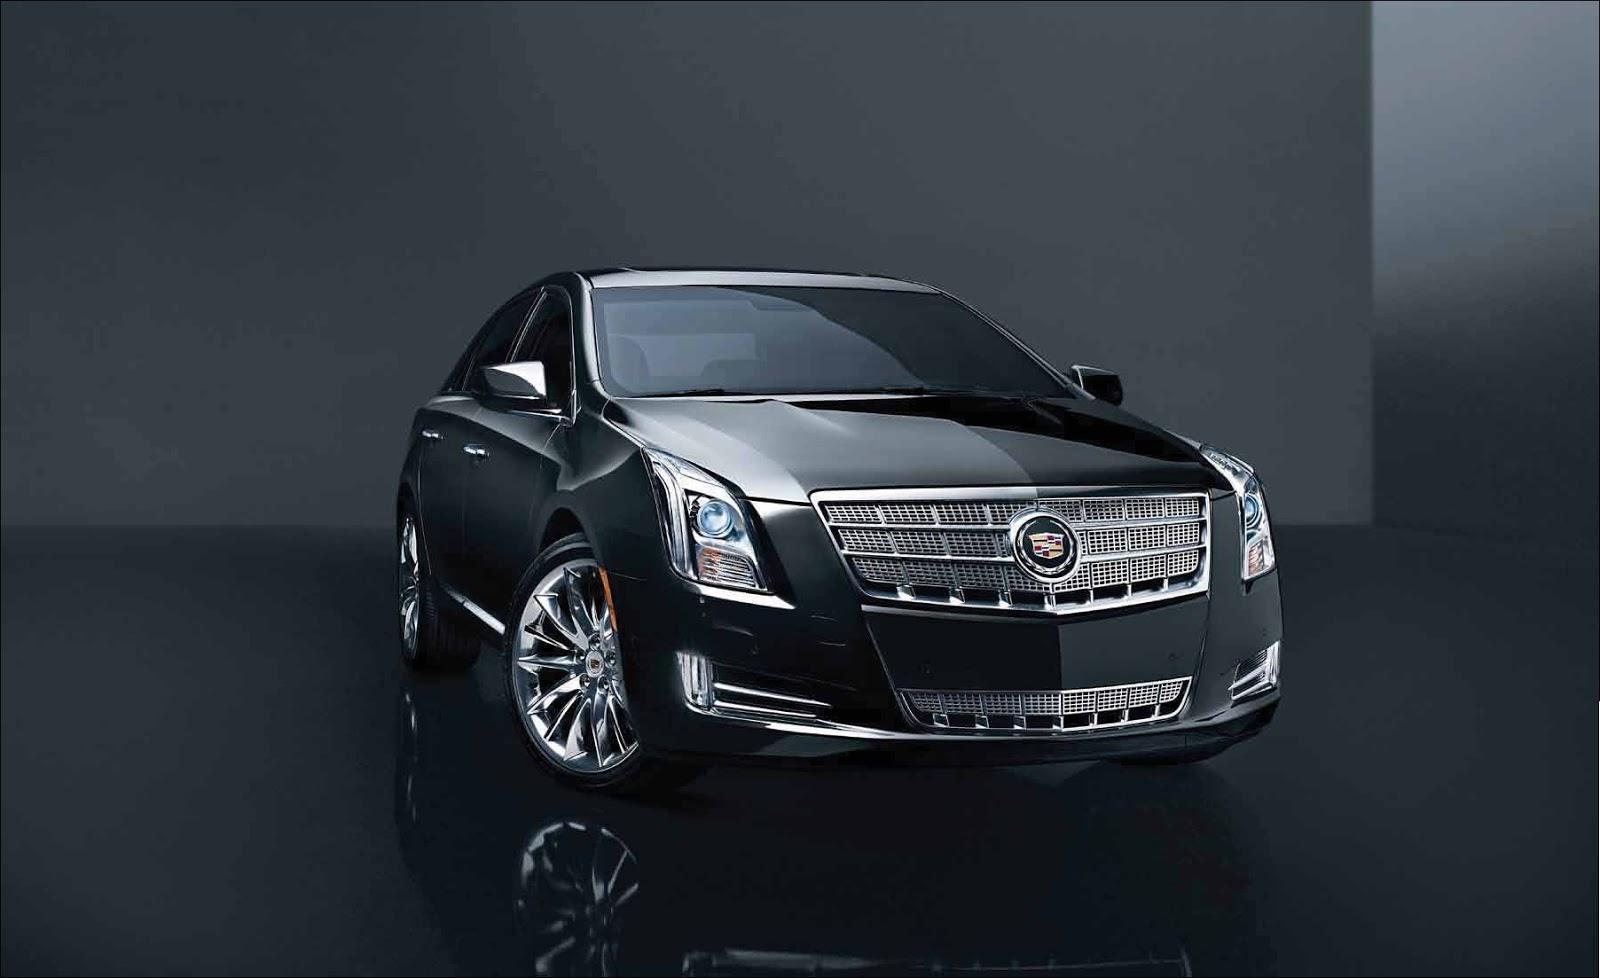 2013 Cadillac Xts Great World 2025